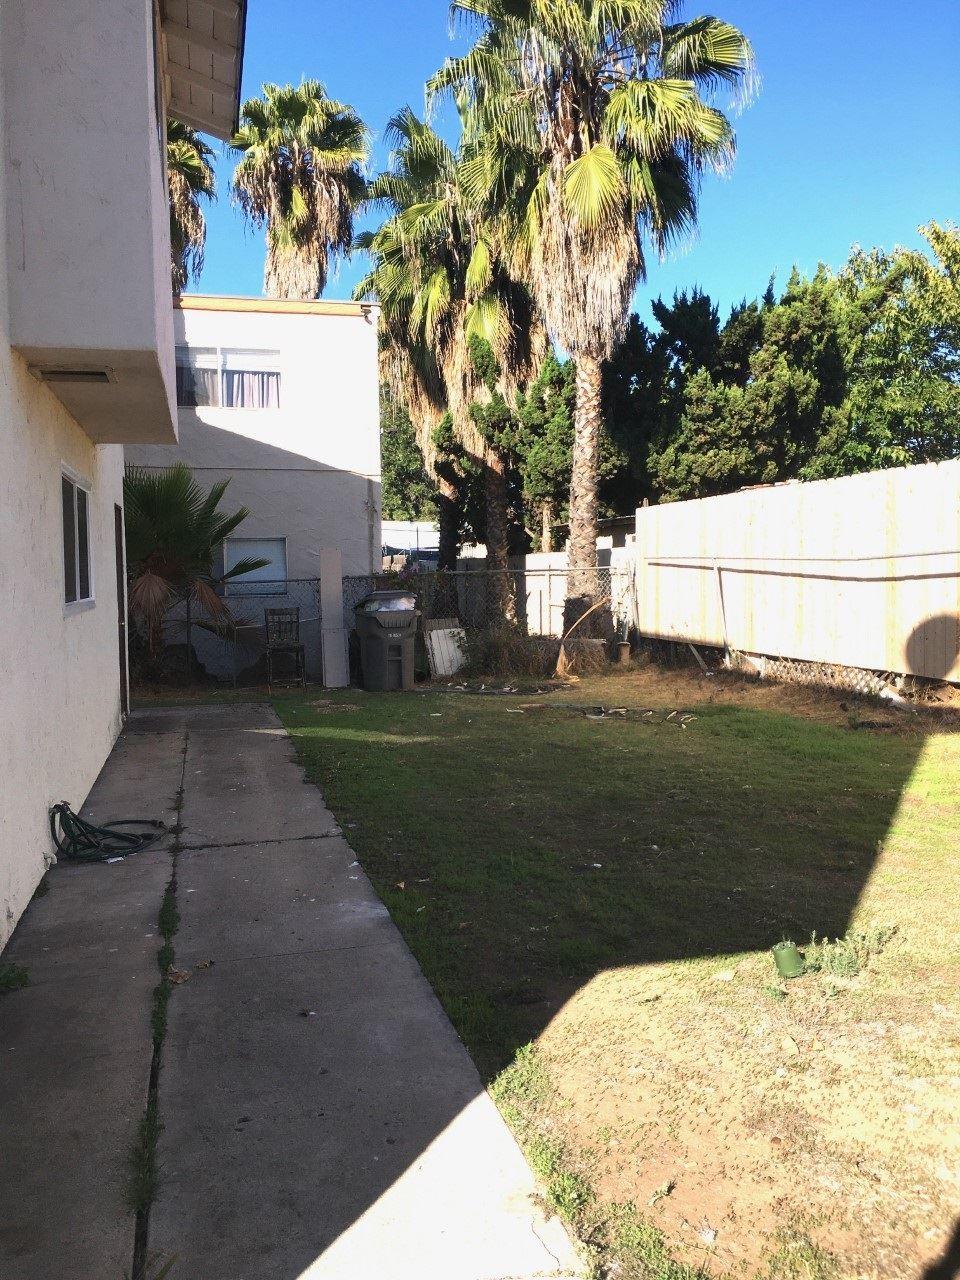 Photo of 1031 LESLIE RD., EL CAJON, CA 92020 (MLS # 200052371)